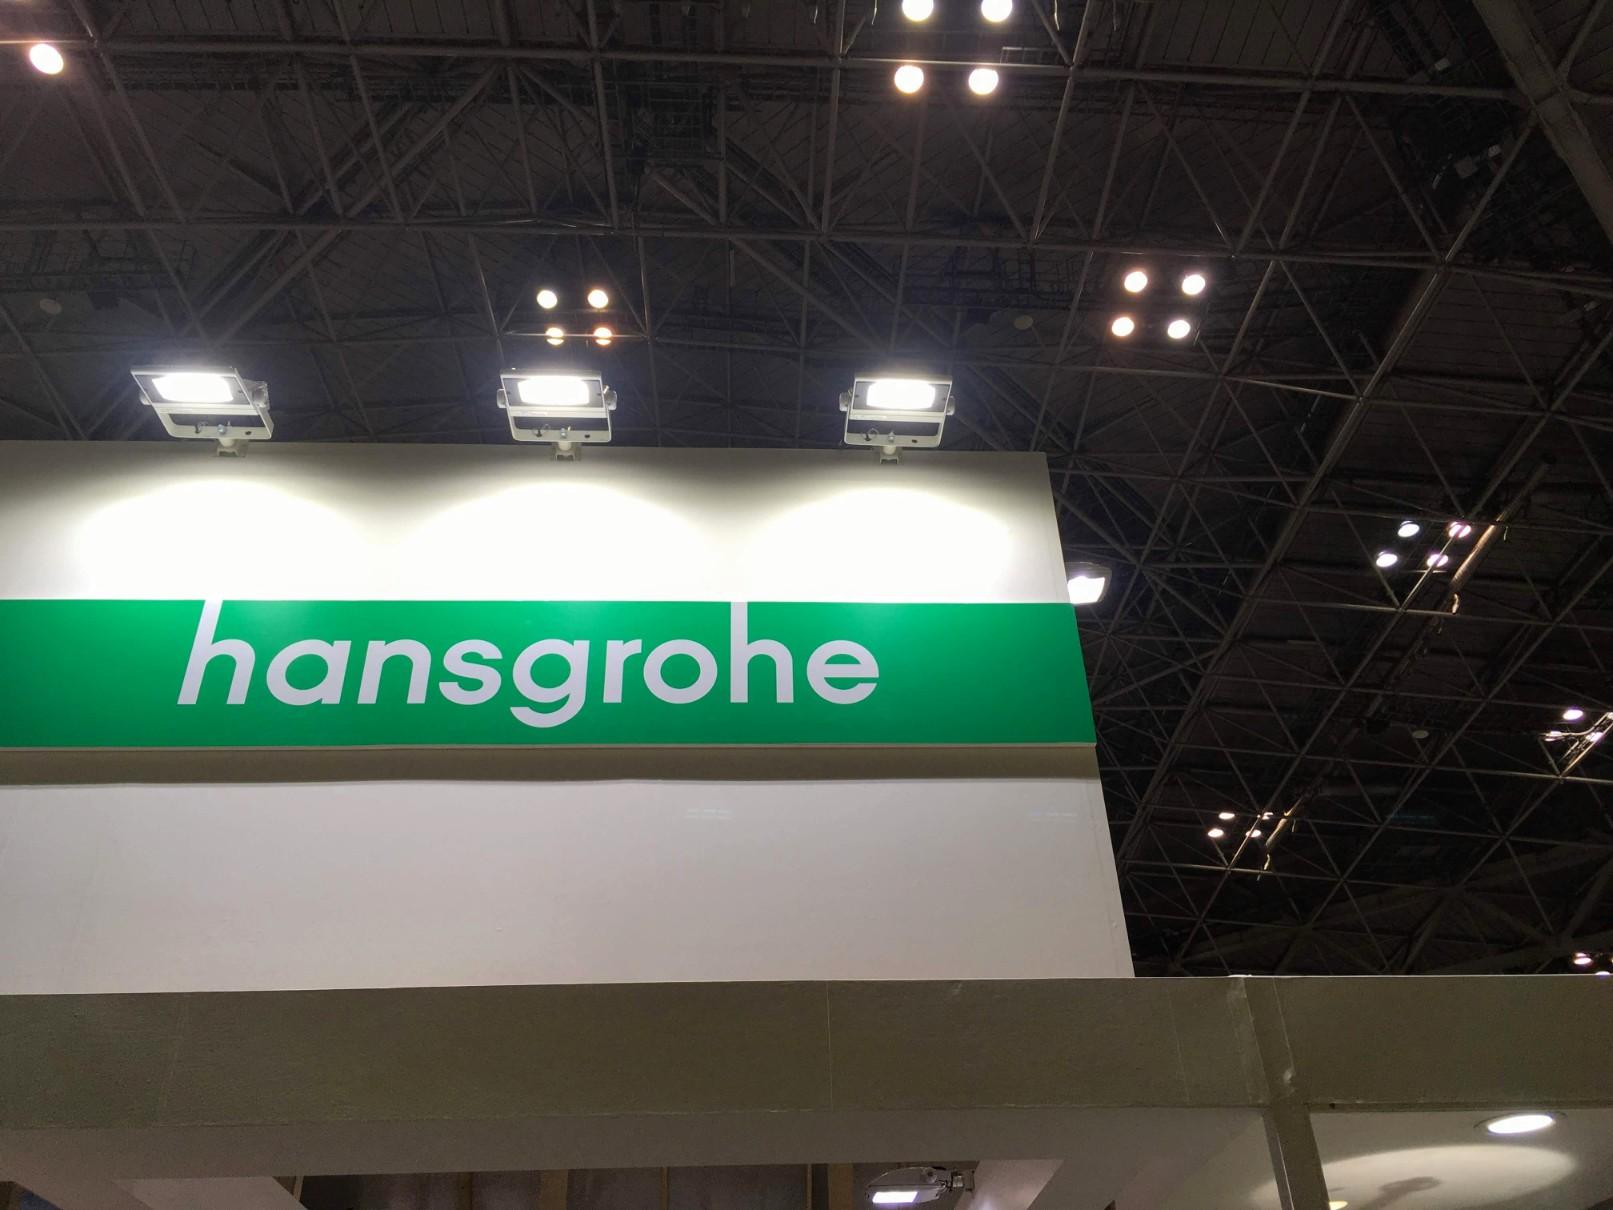 ハンスグローエのブランド・製品とは?